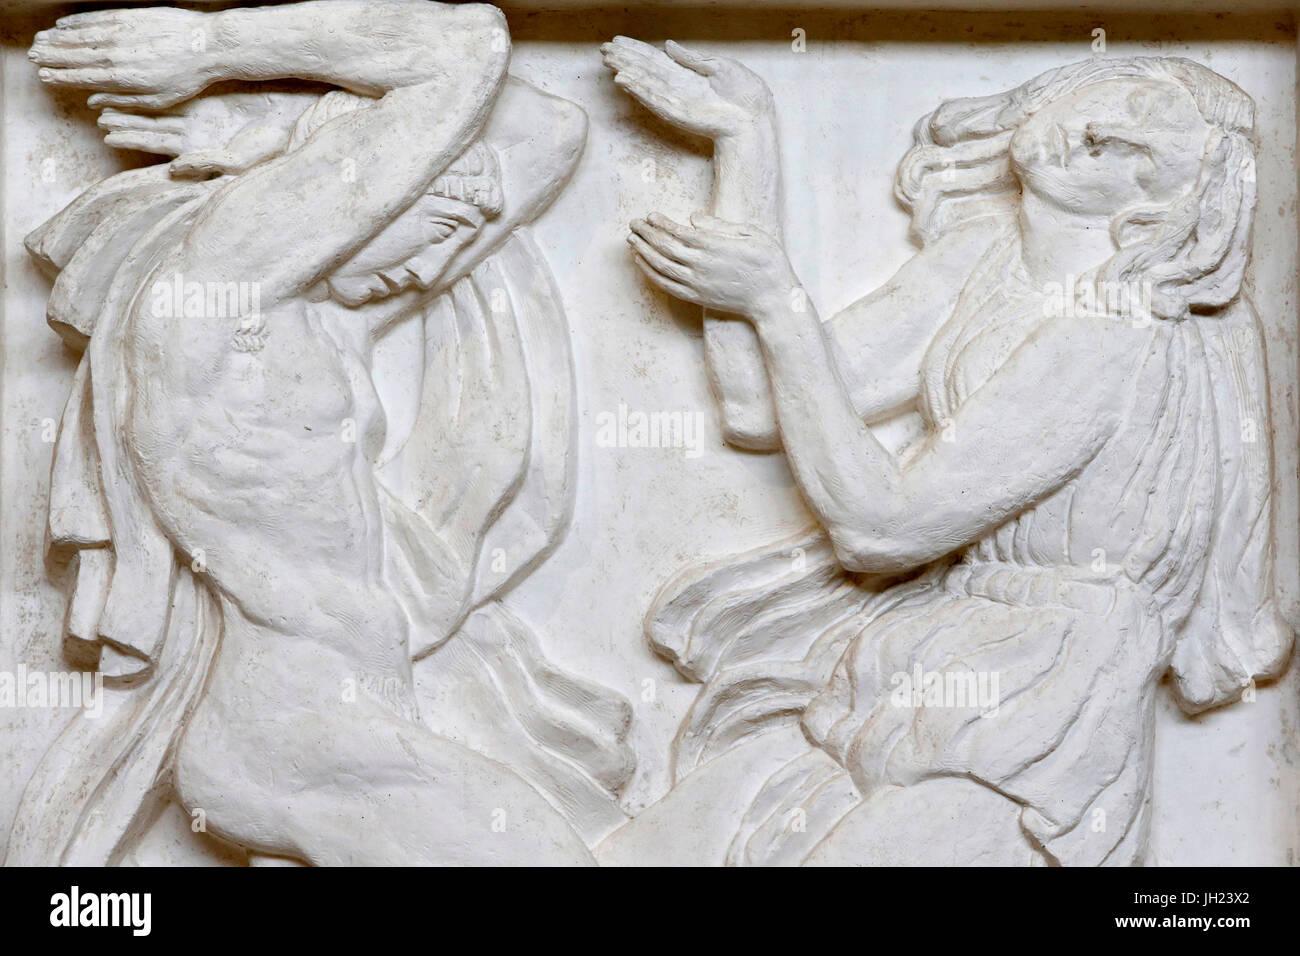 Antoine Bourdelle museo, París. Danza. Alivio para el teatro de los Campos Elíseos. 1912. El yeso. Francia. Imagen De Stock